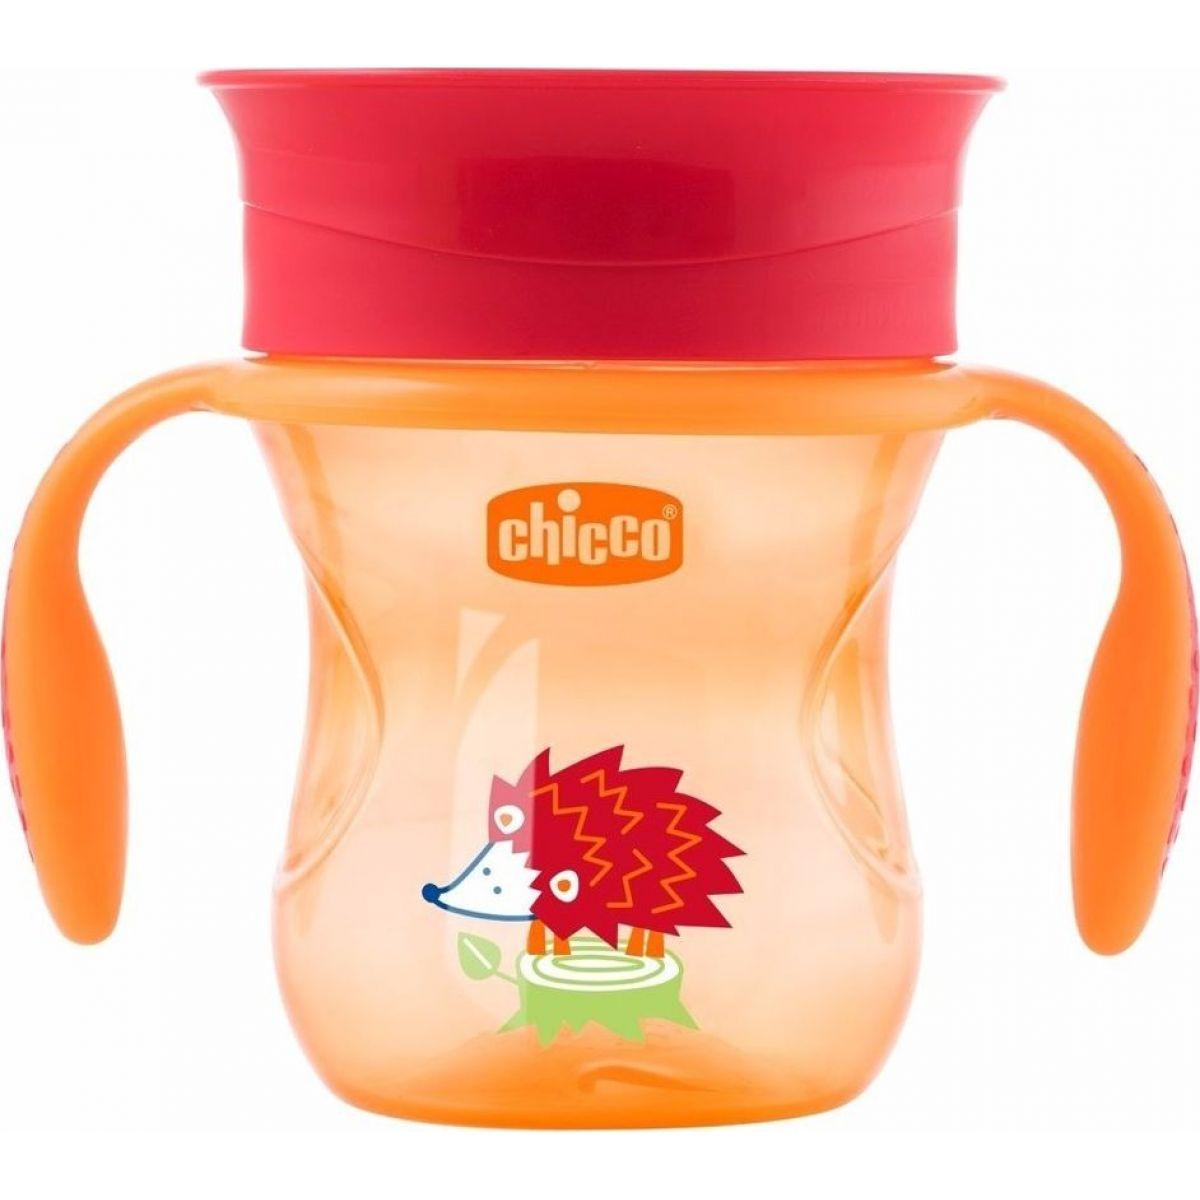 Chicco Hrnček 360 s držadlami 200 ml oranžový